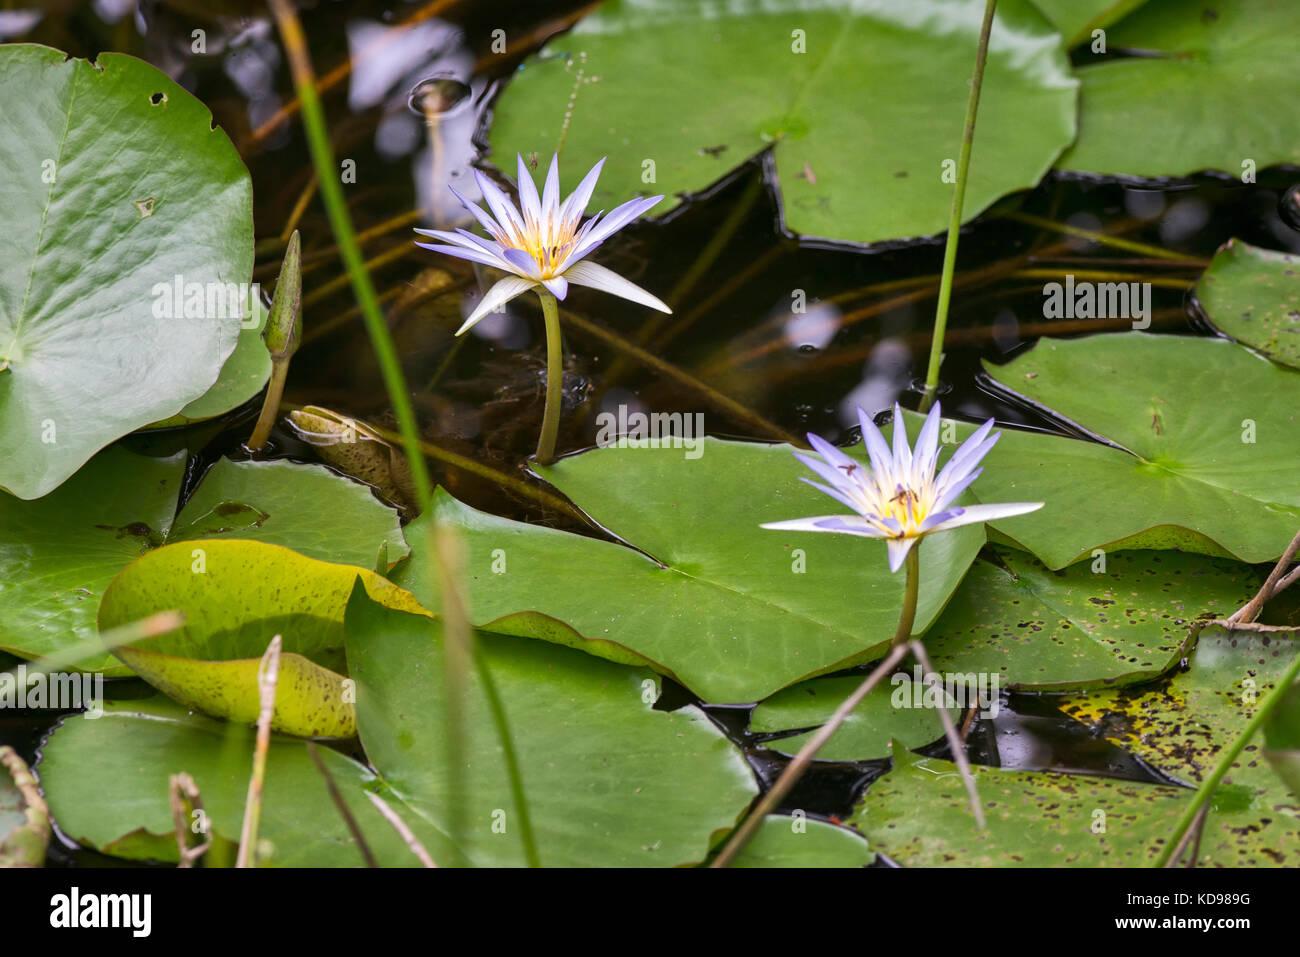 'Flôr-de-lotus (Nelumbo nucifera) fotografado em Conceição da Barra, Espírito Santo -  Sudeste - Stock Image